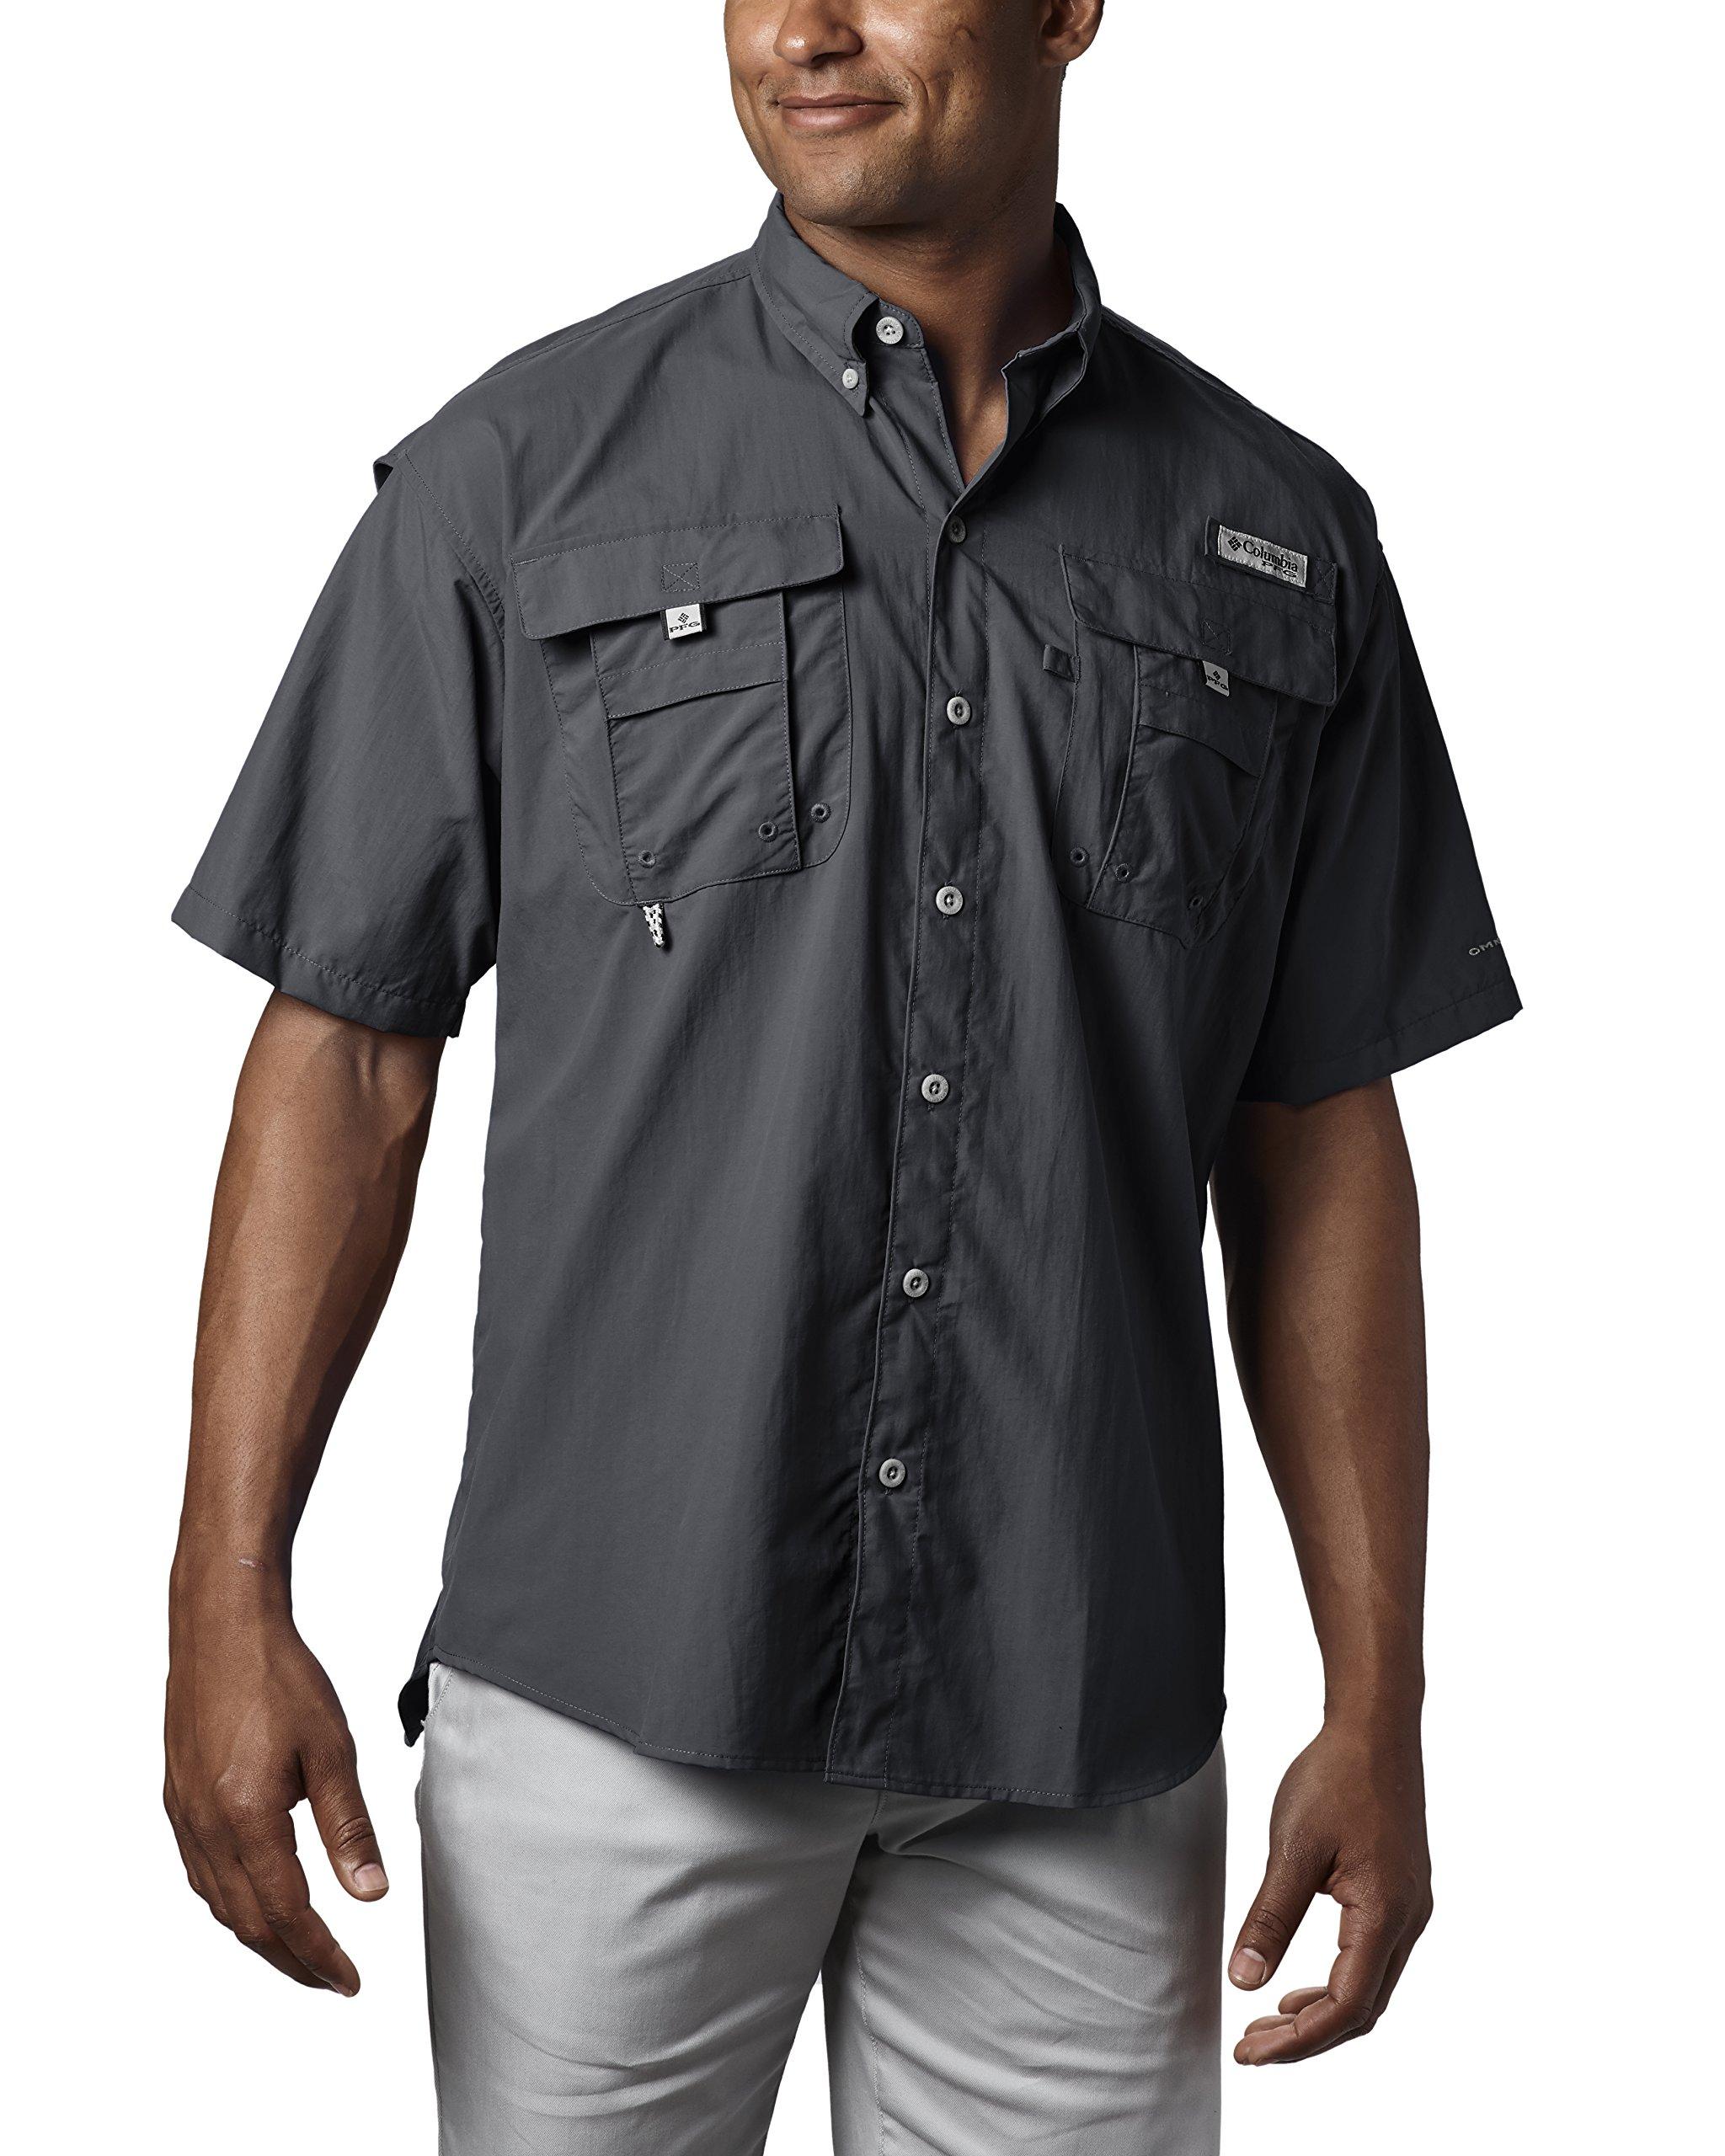 Columbia Men's Bahama II Short Sleeve Shirt, 3X/Tall, Black